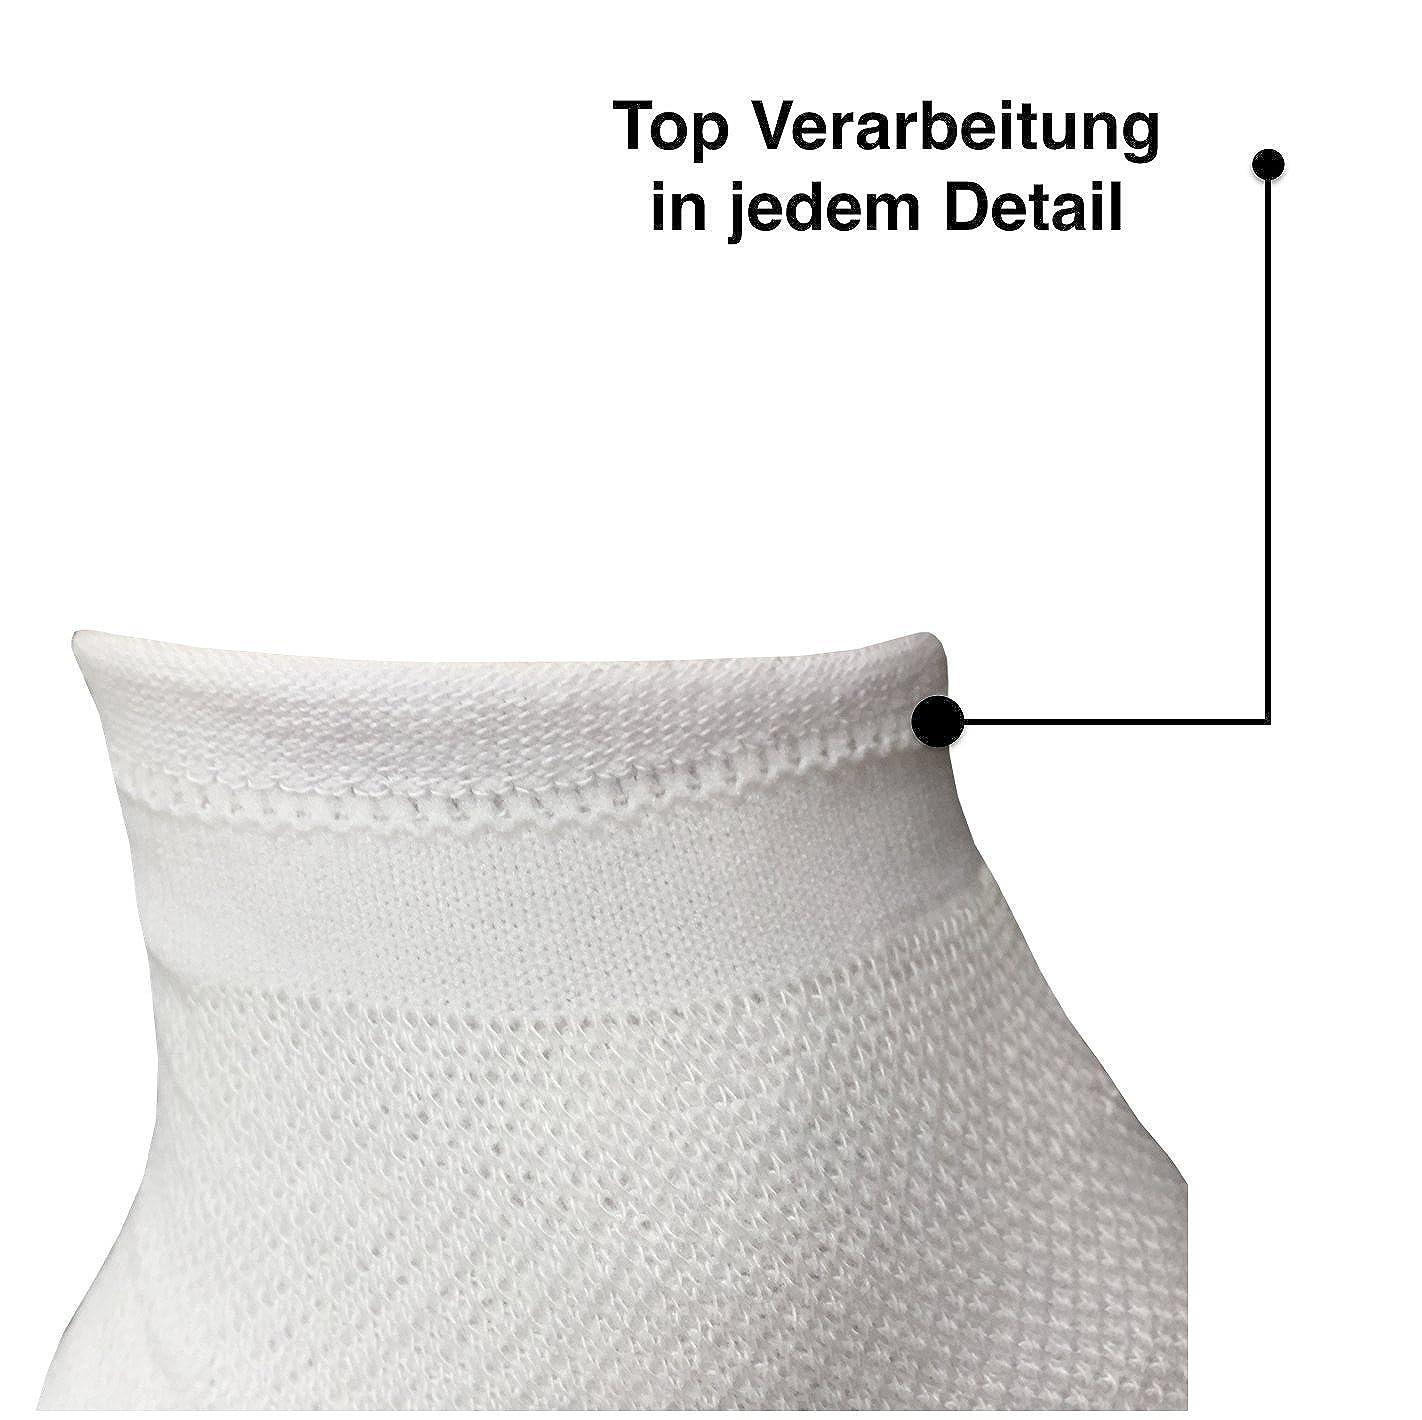 Happy Bavaria LIBRA Comfort Damen Socken 97/% Baumwolle VENENFREUNDLICH ohne Gummi